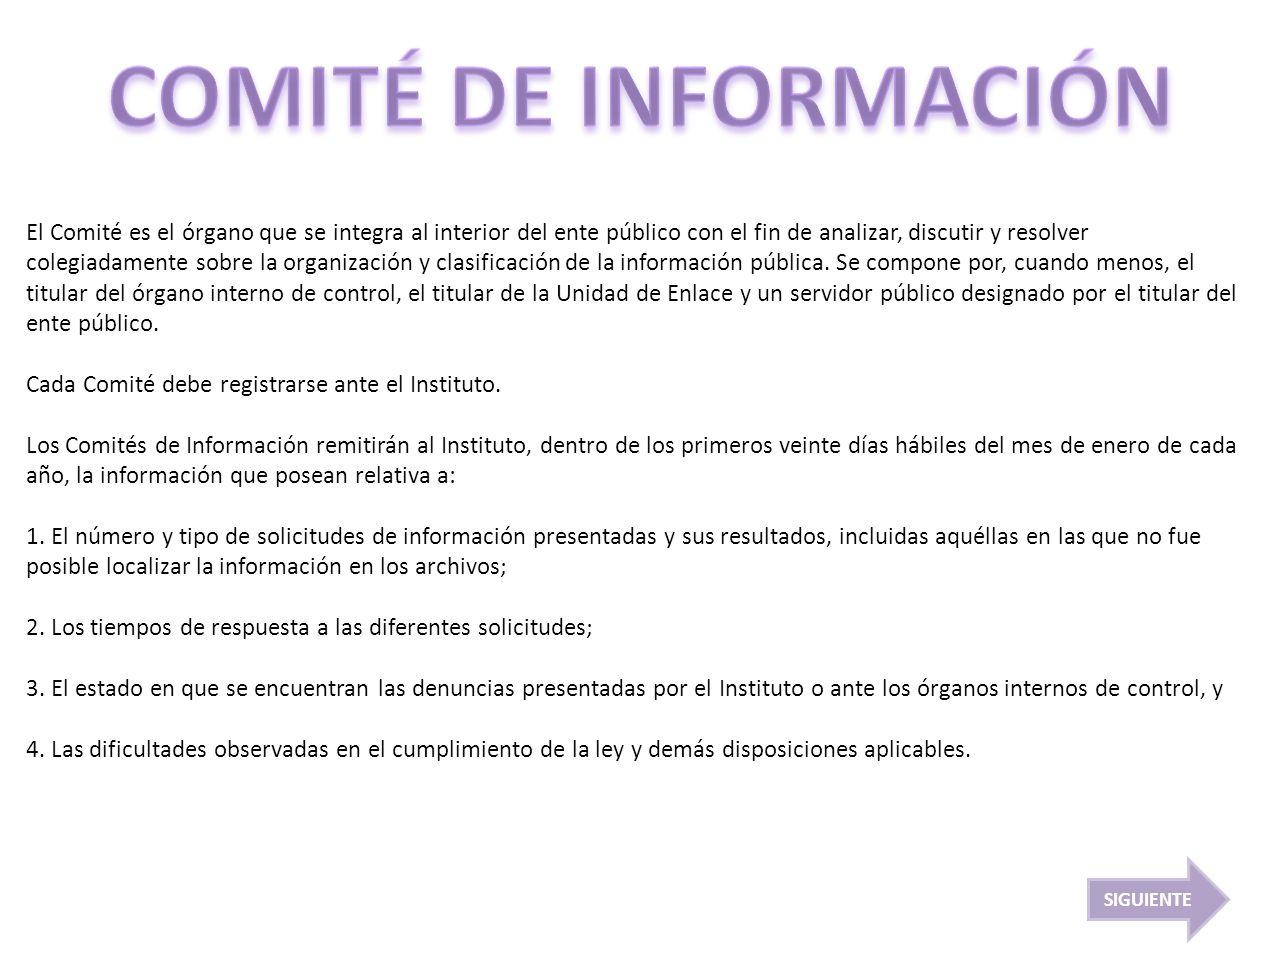 El Comité es el órgano que se integra al interior del ente público con el fin de analizar, discutir y resolver colegiadamente sobre la organización y